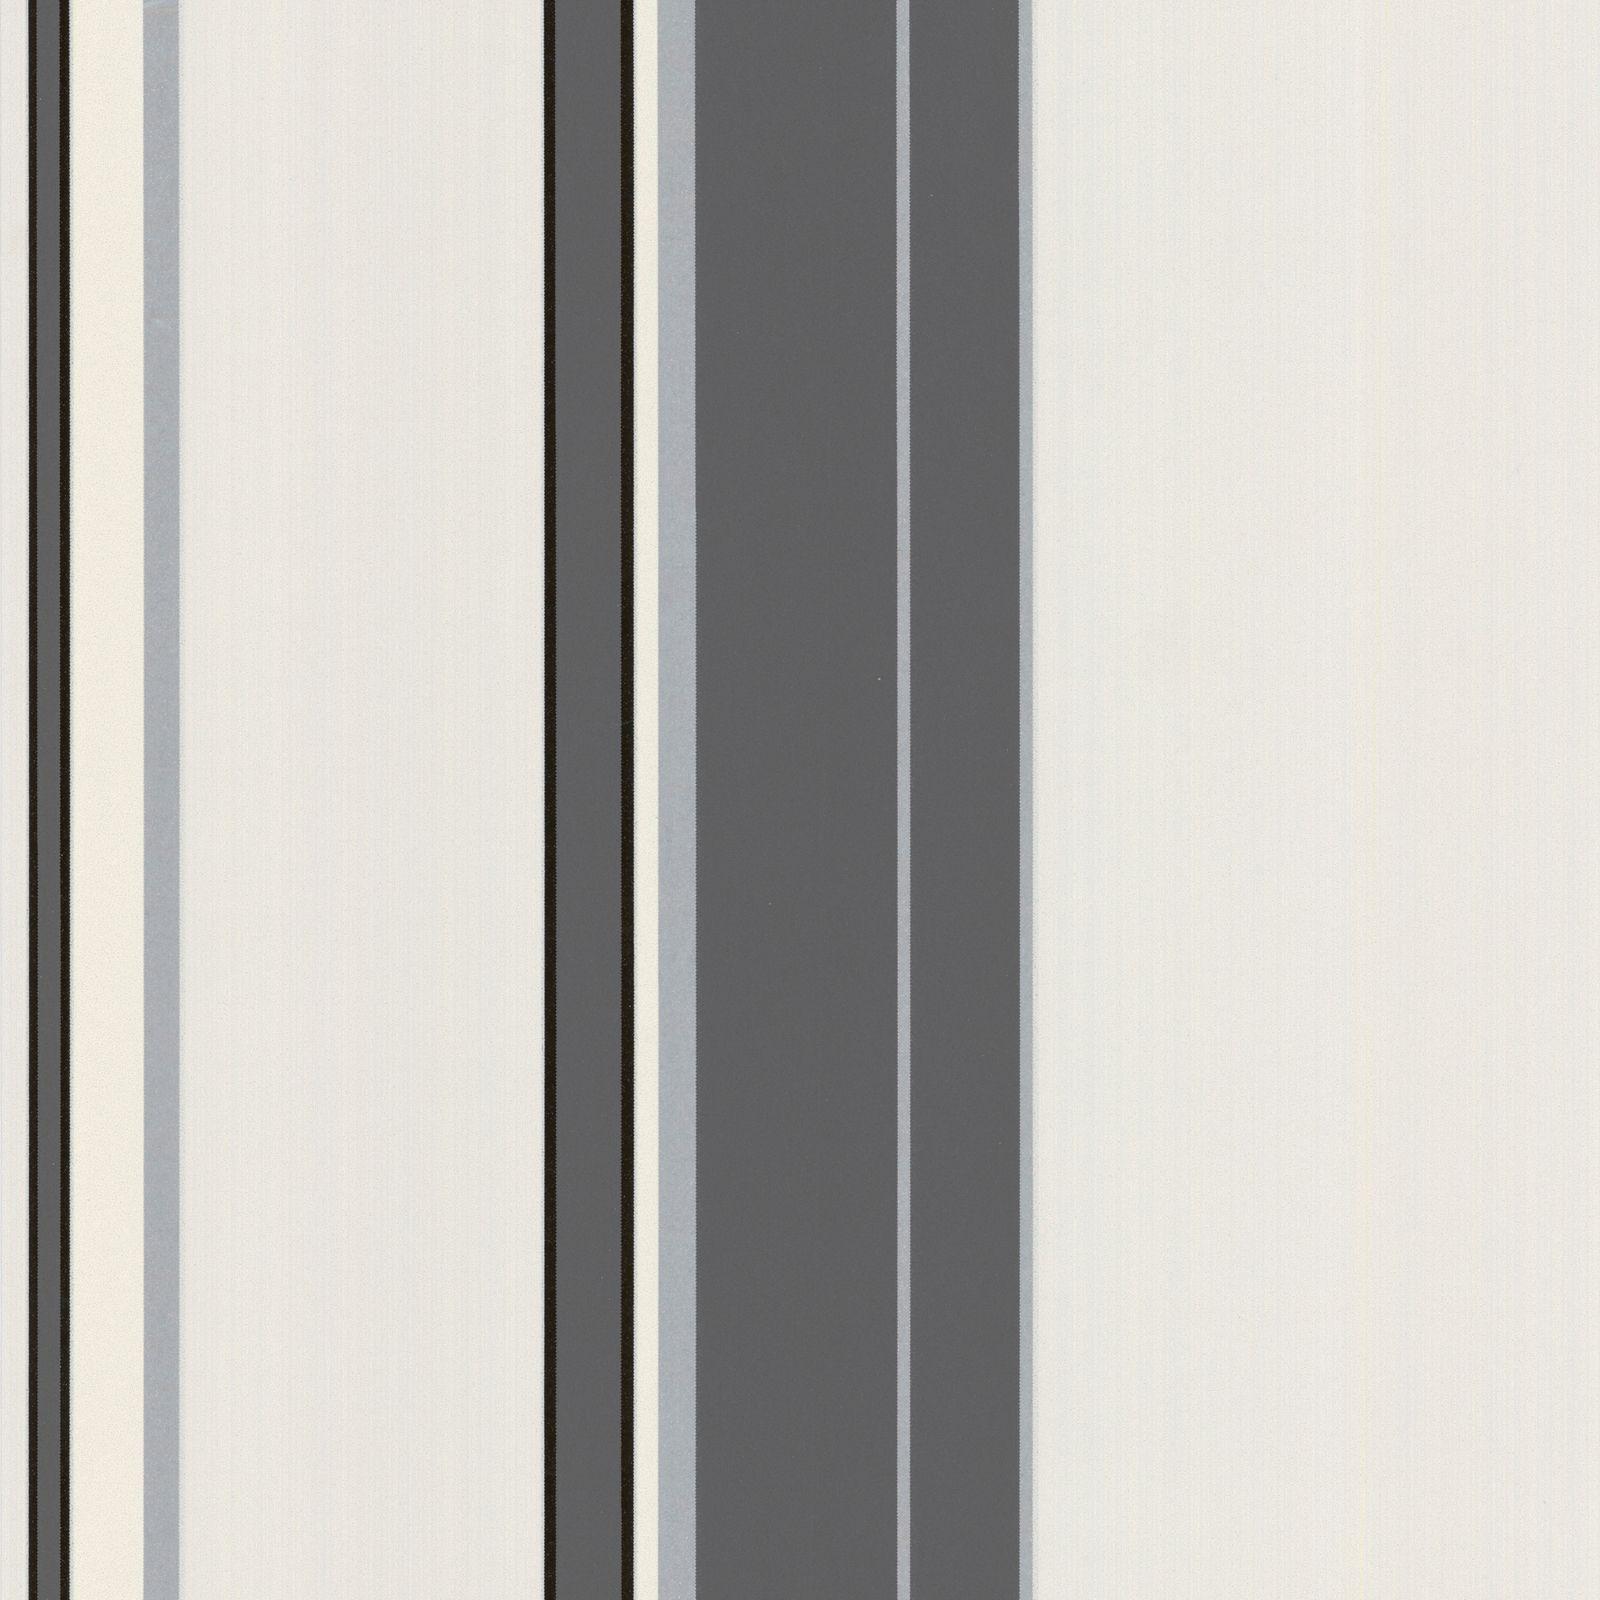 Graham & Brown Superfresco Grey Stripe Wallpaper | Departments | DIY at B&Q.